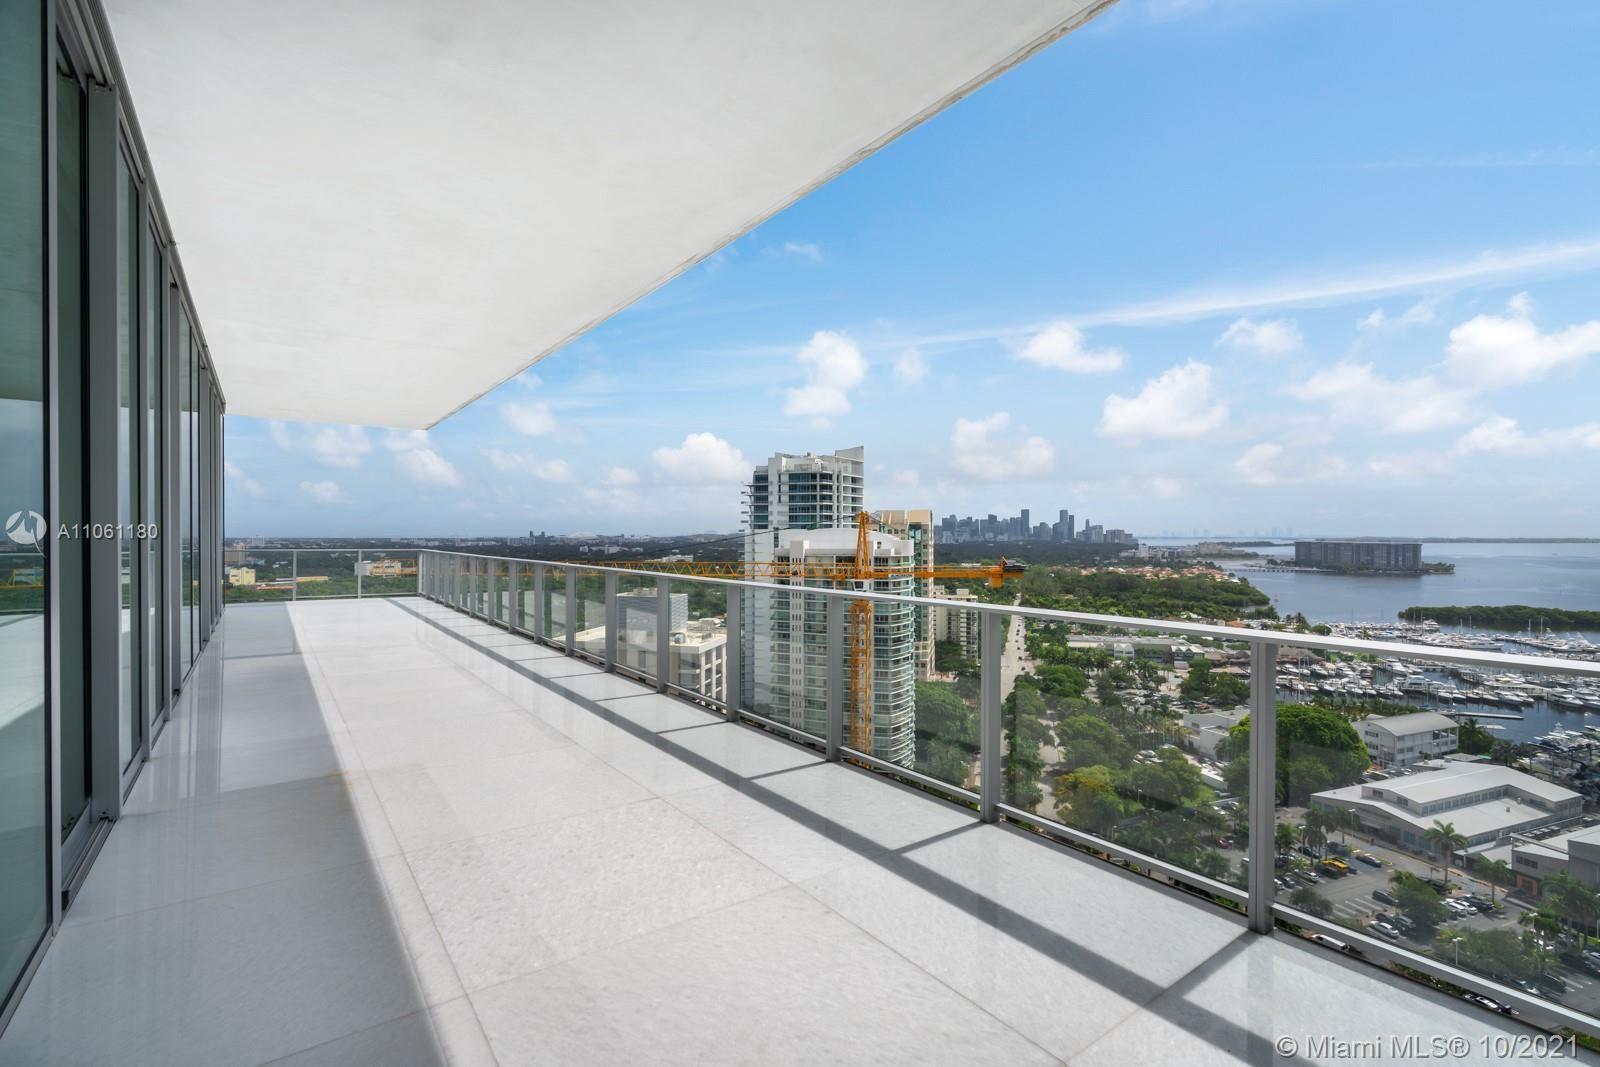 2675 S Bayshore Dr #2001S, Miami, FL 33133 - #: A11061180